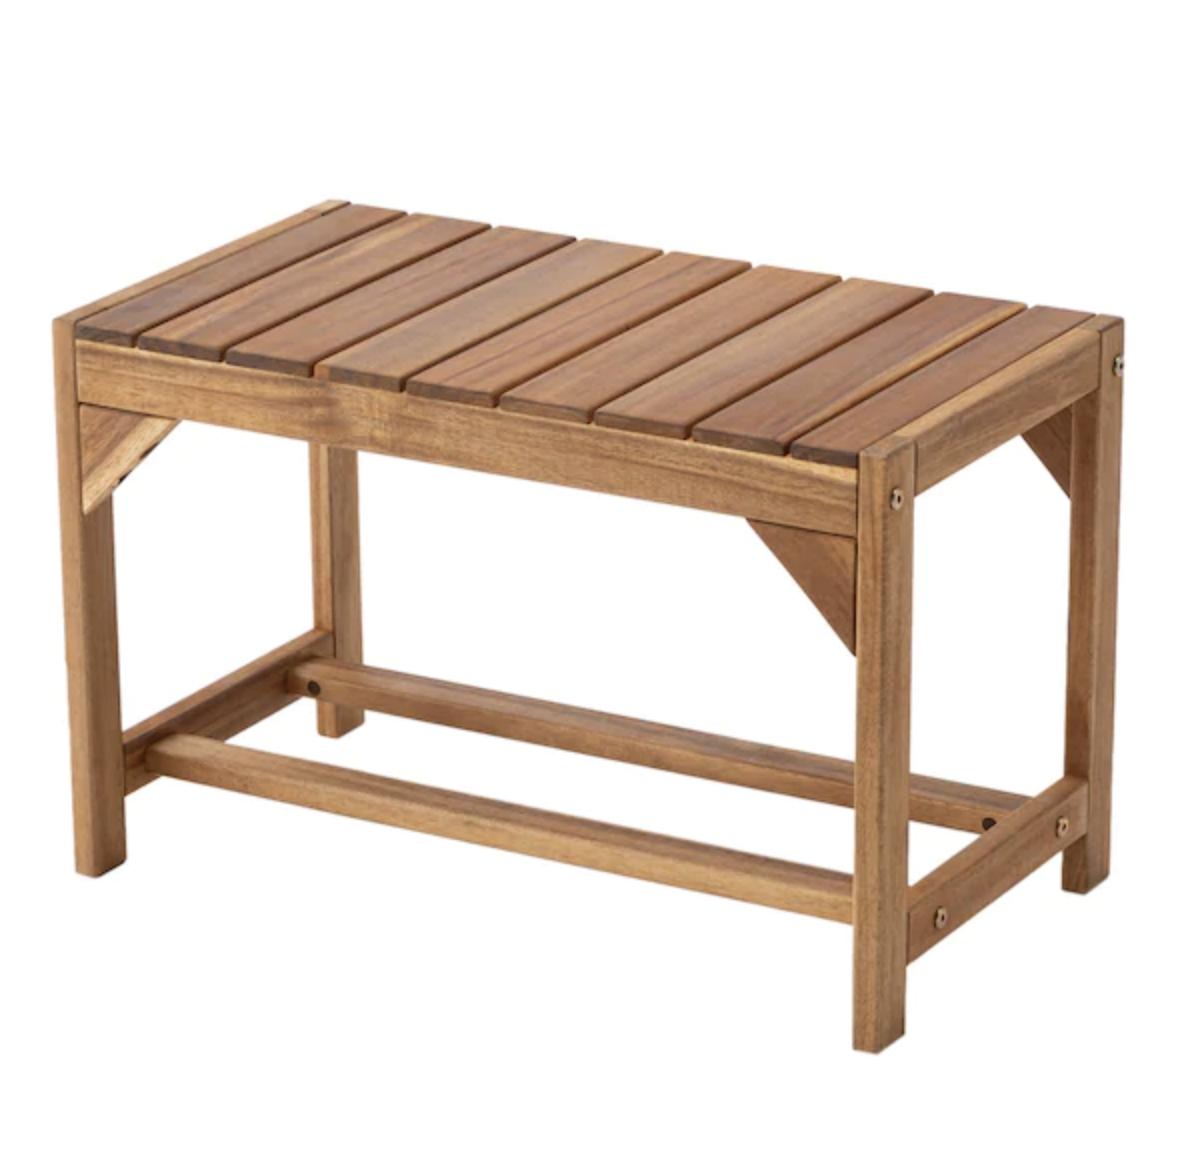 木製ガーデンベンチ(Sサイズ ITT)